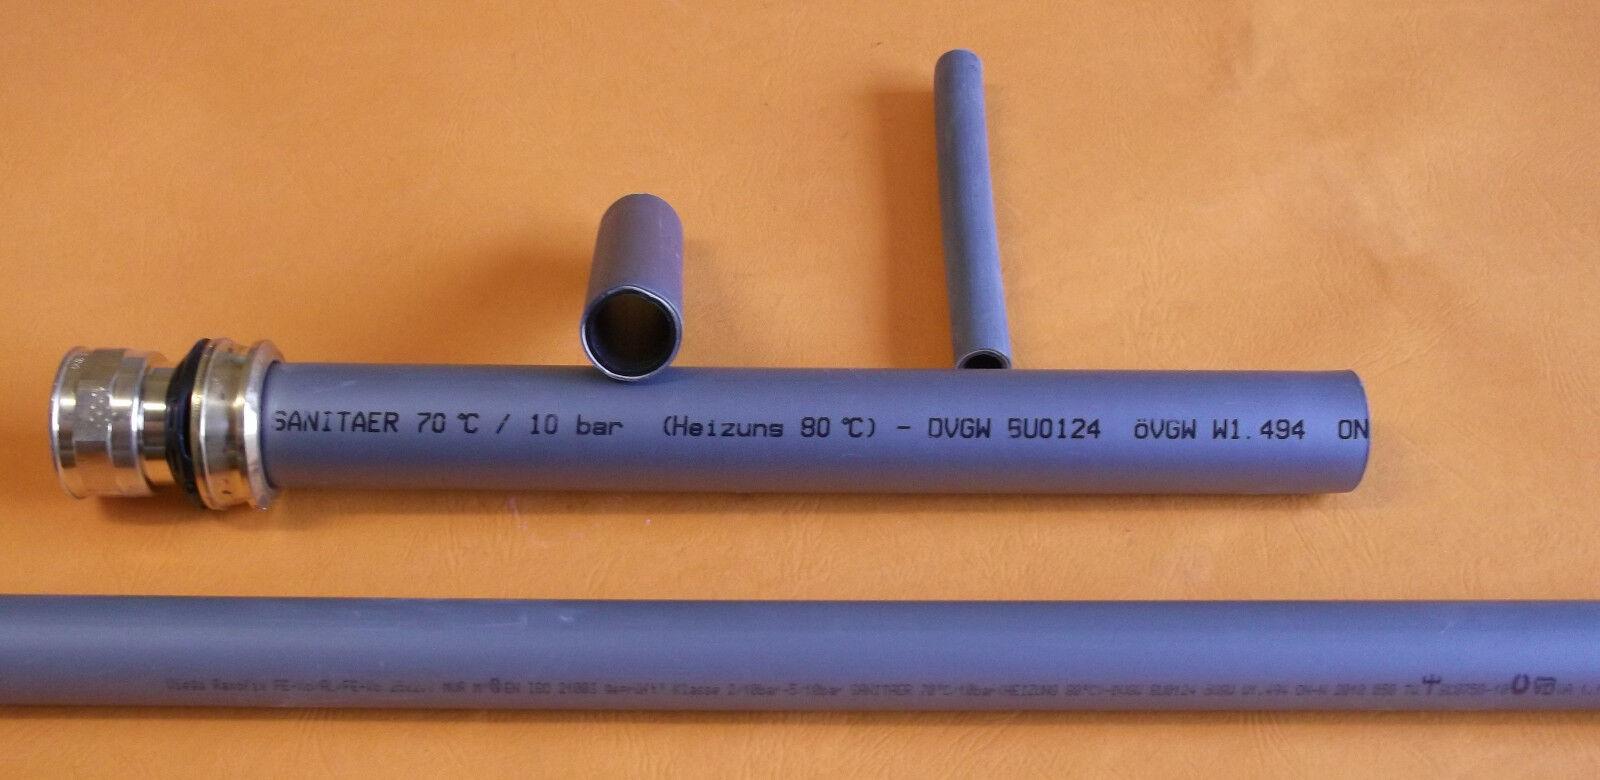 Viega Raxofix PE-Xc/Al/PE-Xc 5,0m Rohr Stange  5303 Ø32